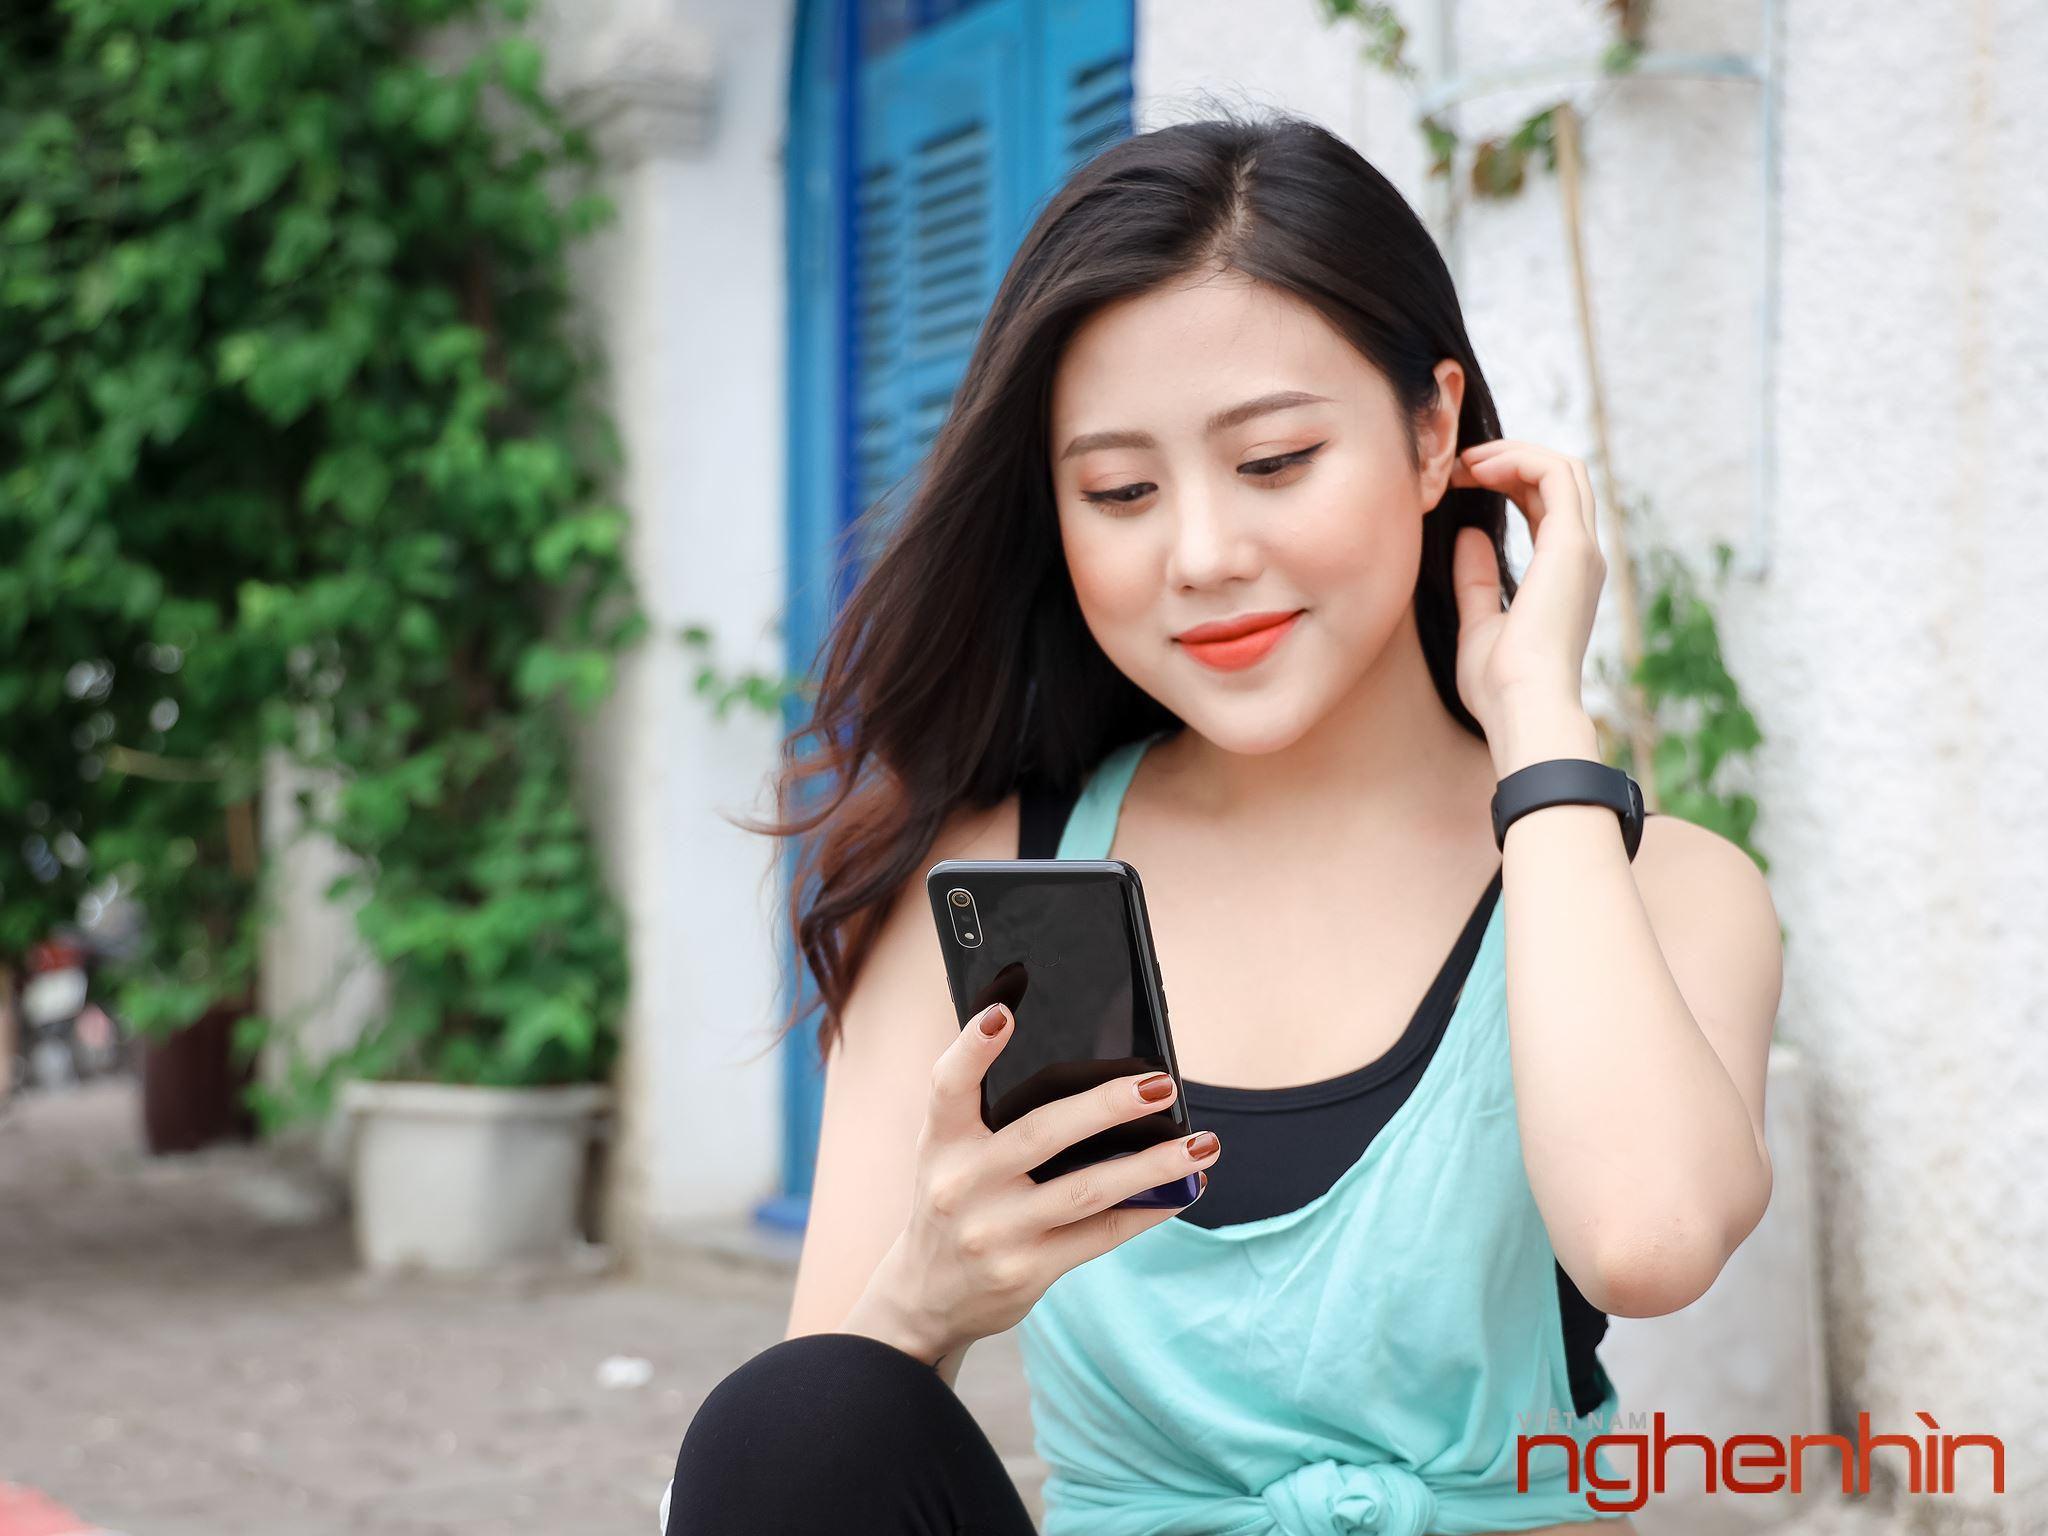 Chiêm ngưỡng bóng hồng gợi cảm, năng động và cá tính cùng Realme 3 Ảnh 6